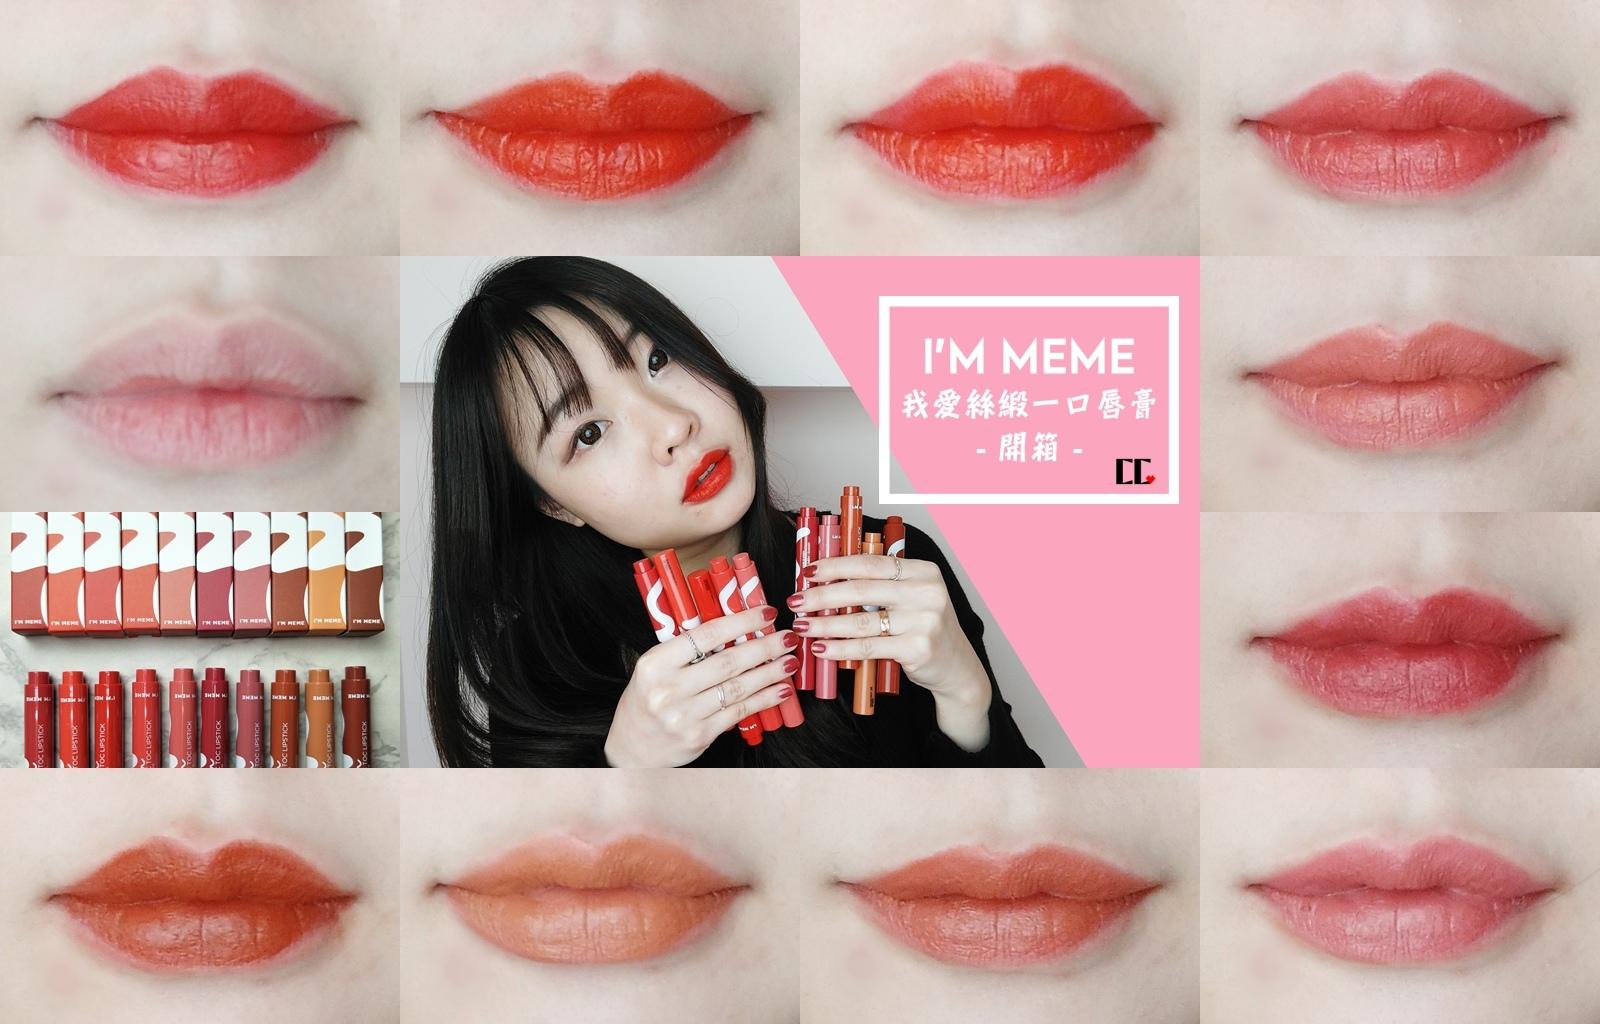 影音-I'M MEME我愛絲緞一口唇膏 新品唇膏全系列10色開箱試色